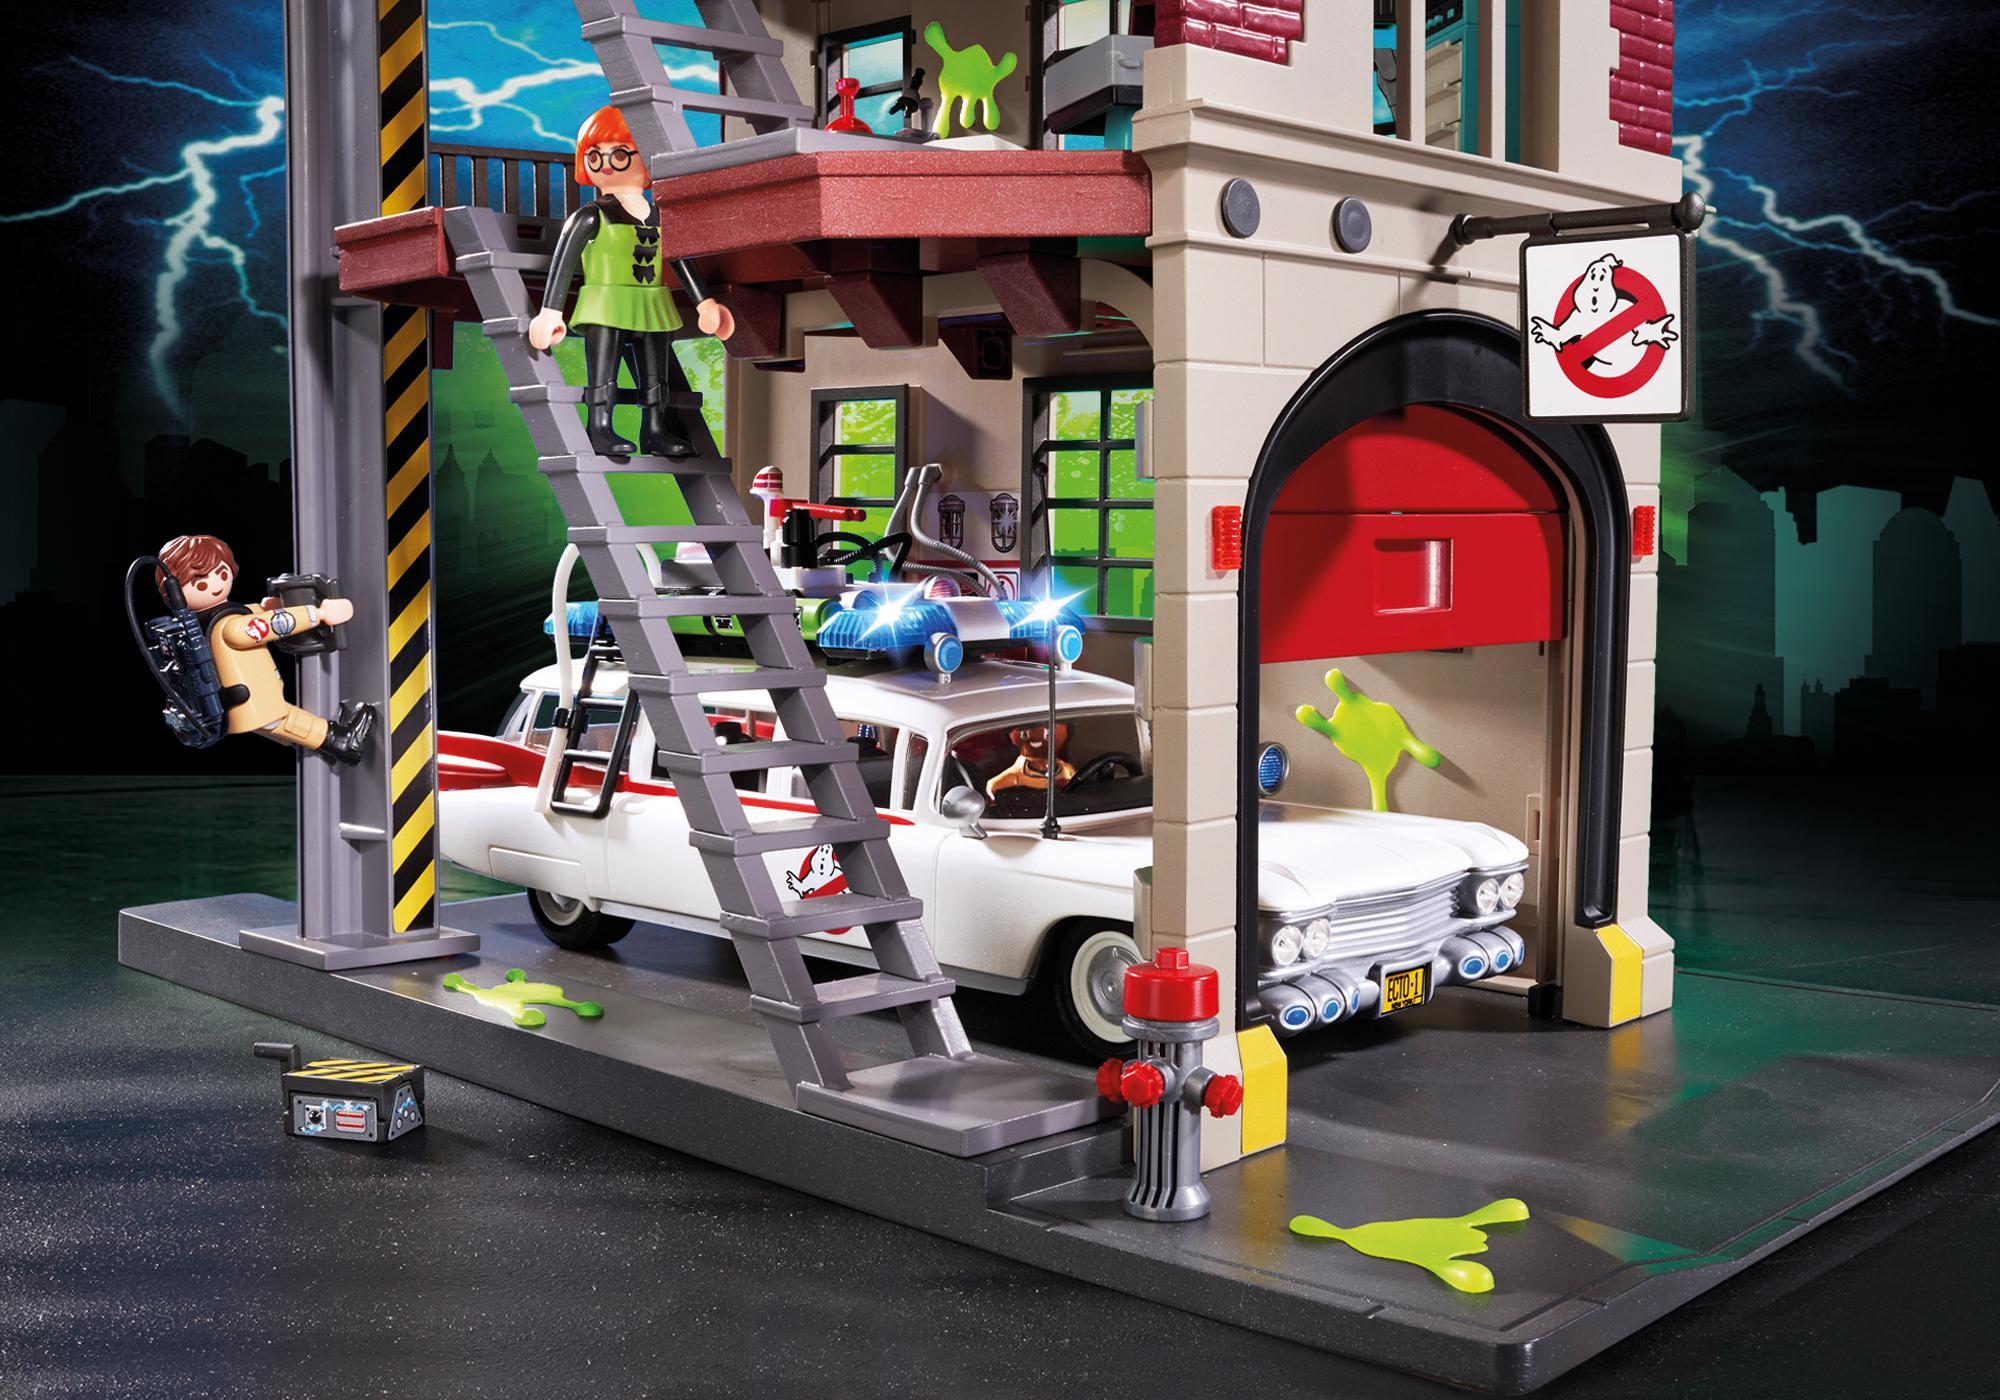 http://media.playmobil.com/i/playmobil/9219_product_extra2/Cuartel Parque de Bomberos Ghostbusters™